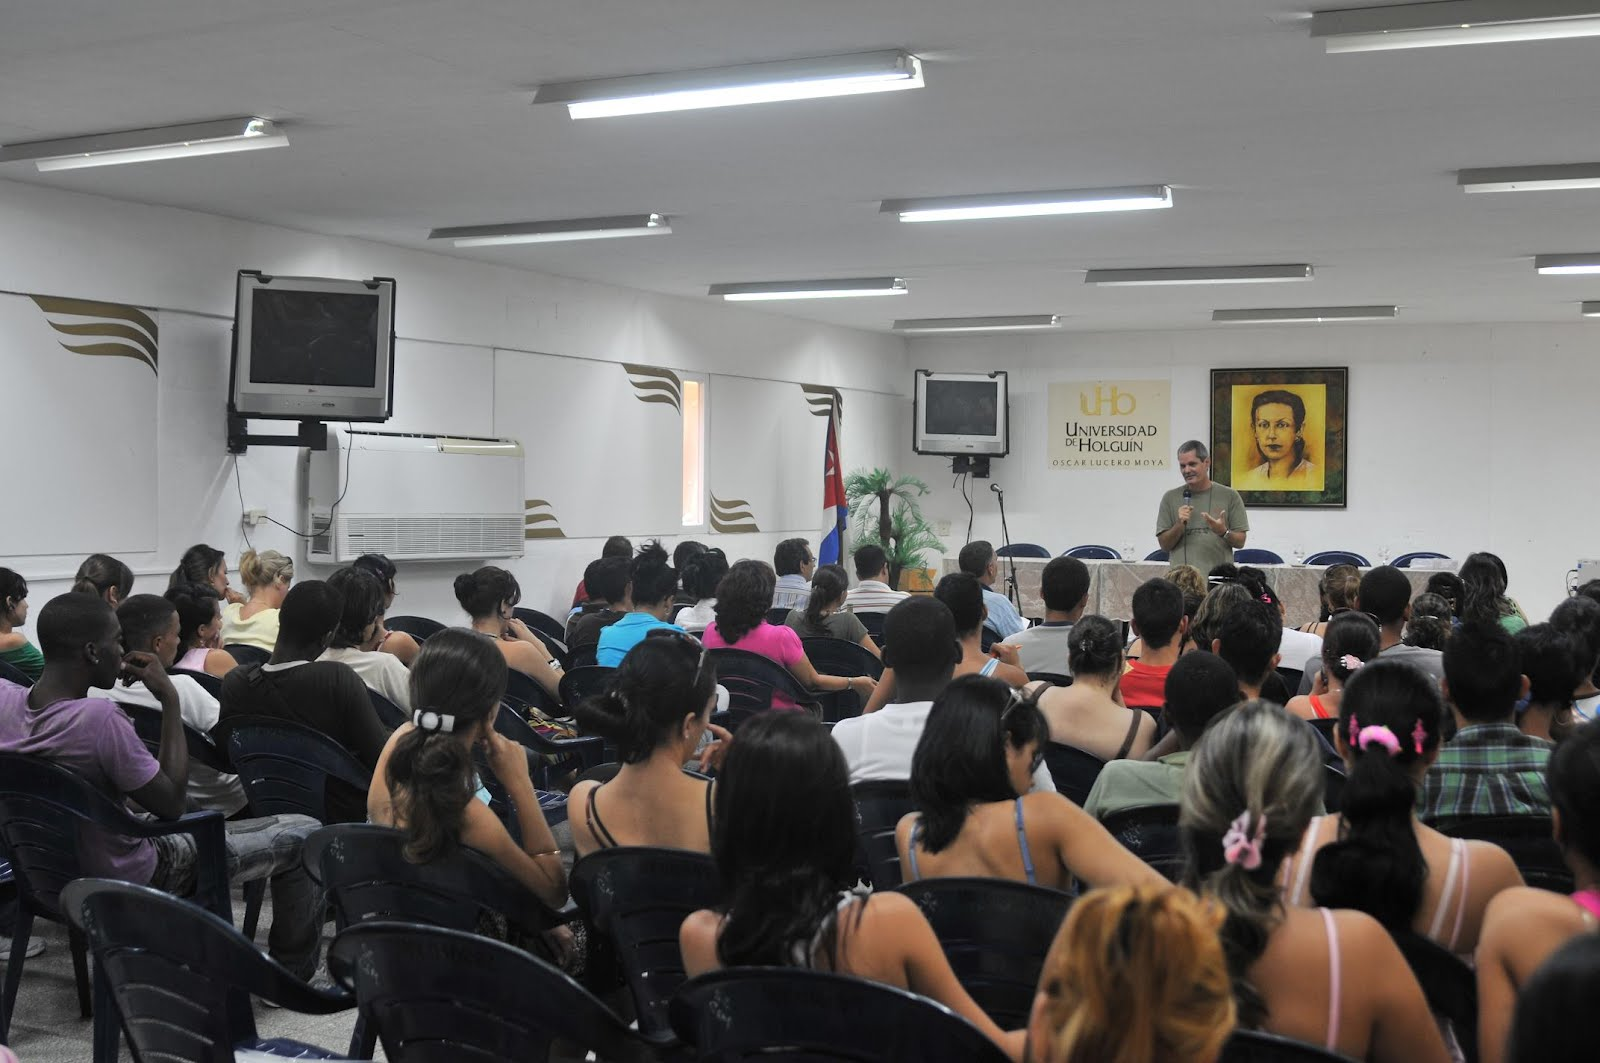 Otra vista del salón en la Universidad de Holguín